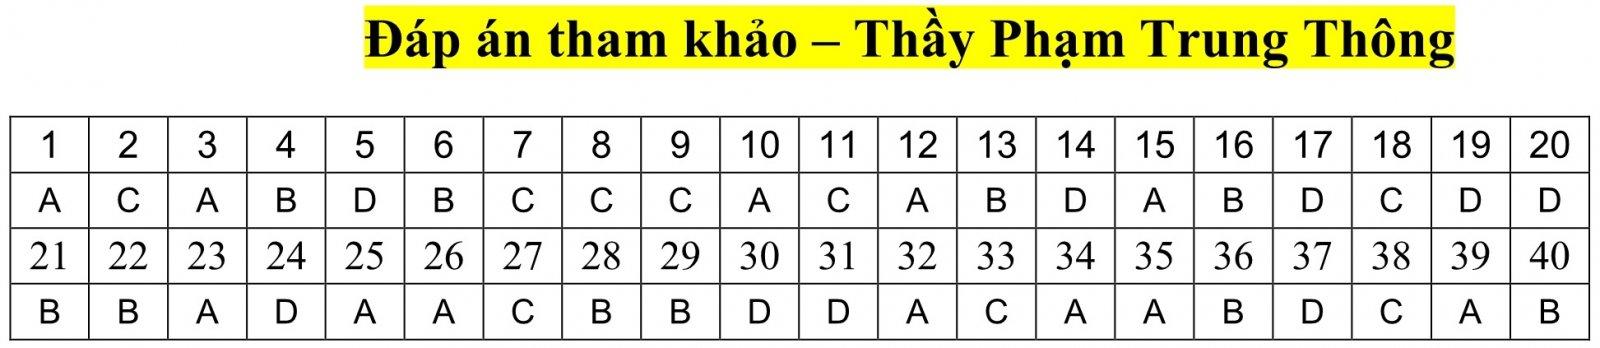 de-thi-thu-vat-ly-lan-2-chuyen-vinh-nghe-an-nam-2020-7scvcom-5-jpg.11122